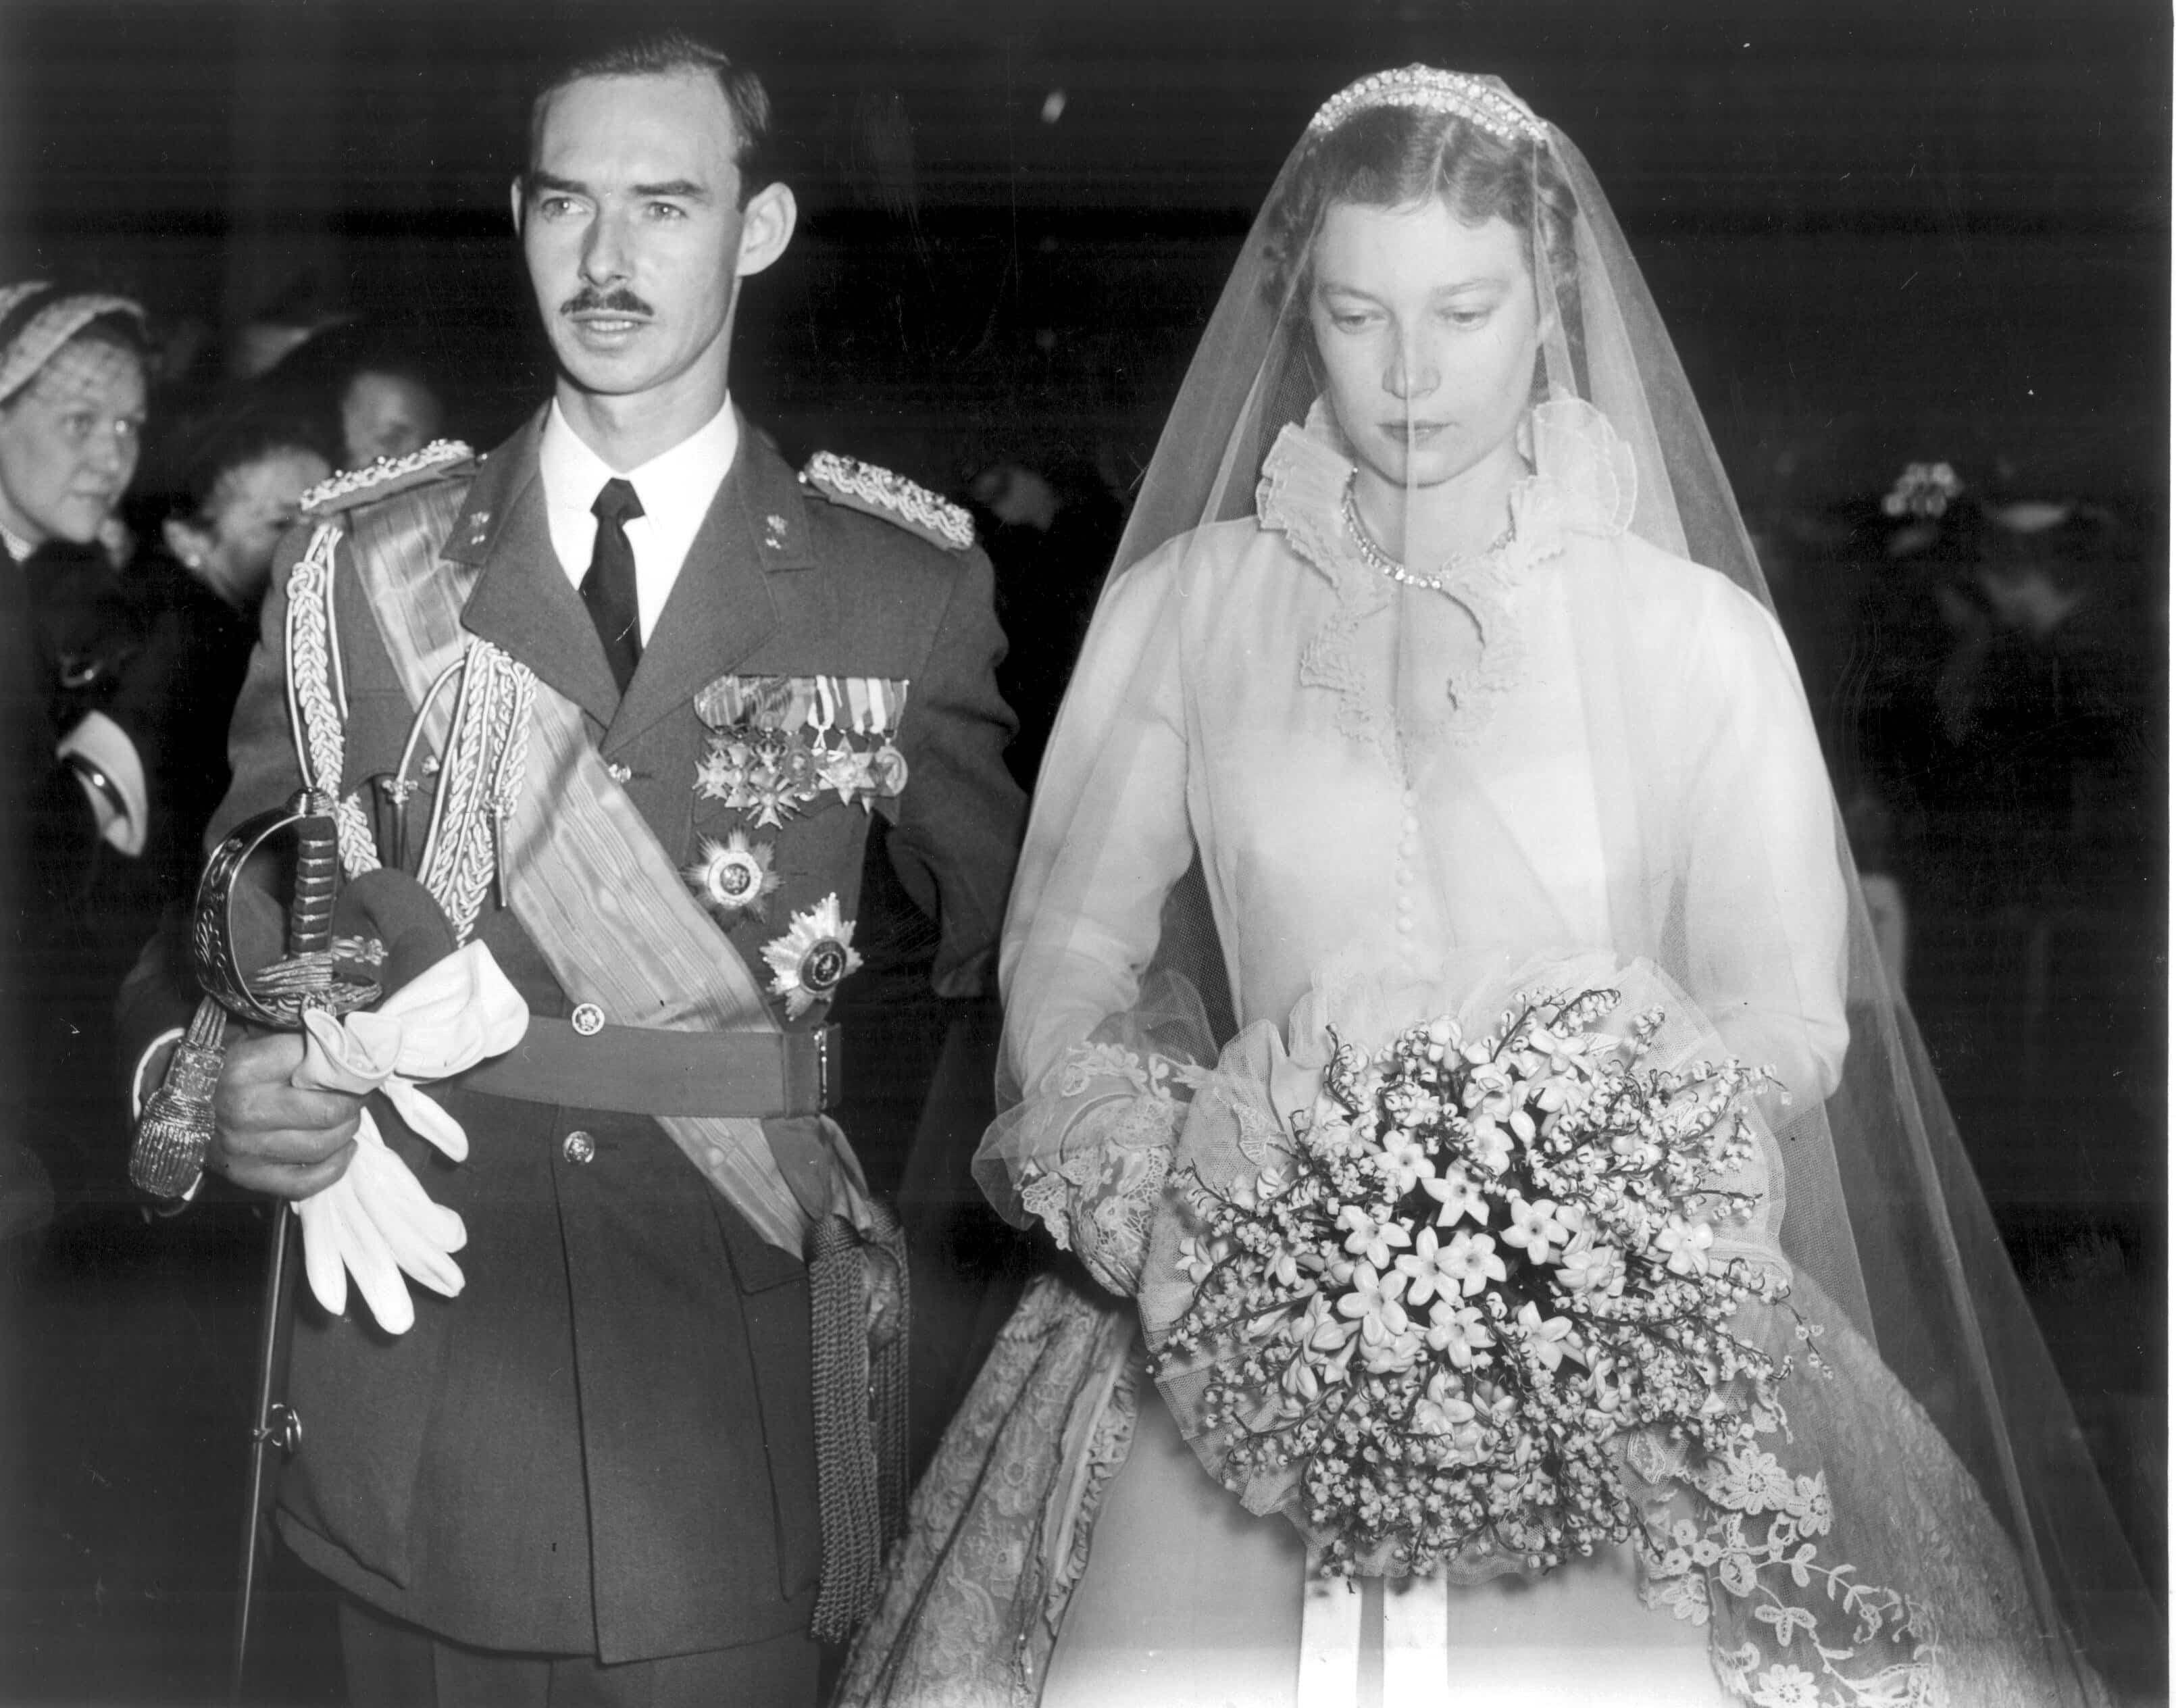 Prinzessin Joséphine Charlotte: Bei der Hochzeit weinte sie bittere Tränen